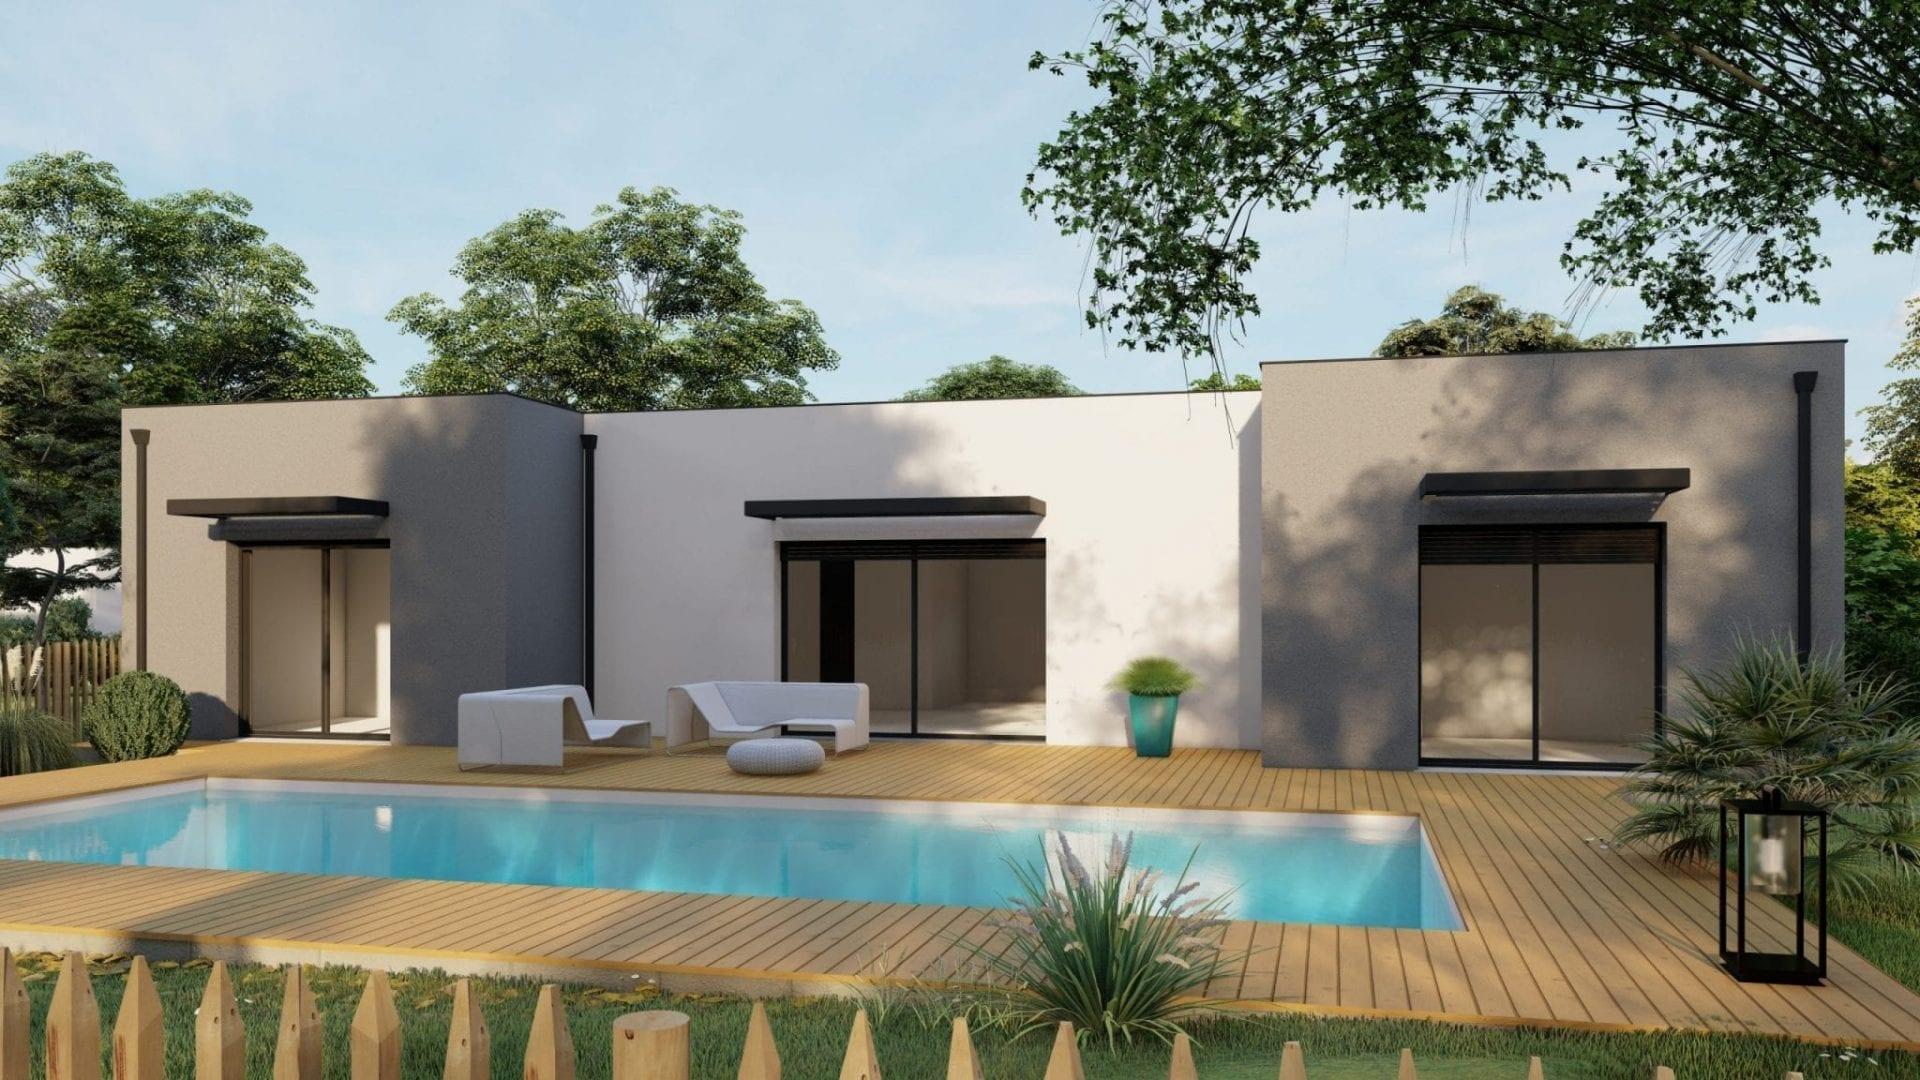 vue extérieure côté jardin de la maison modèle design et sa piscine